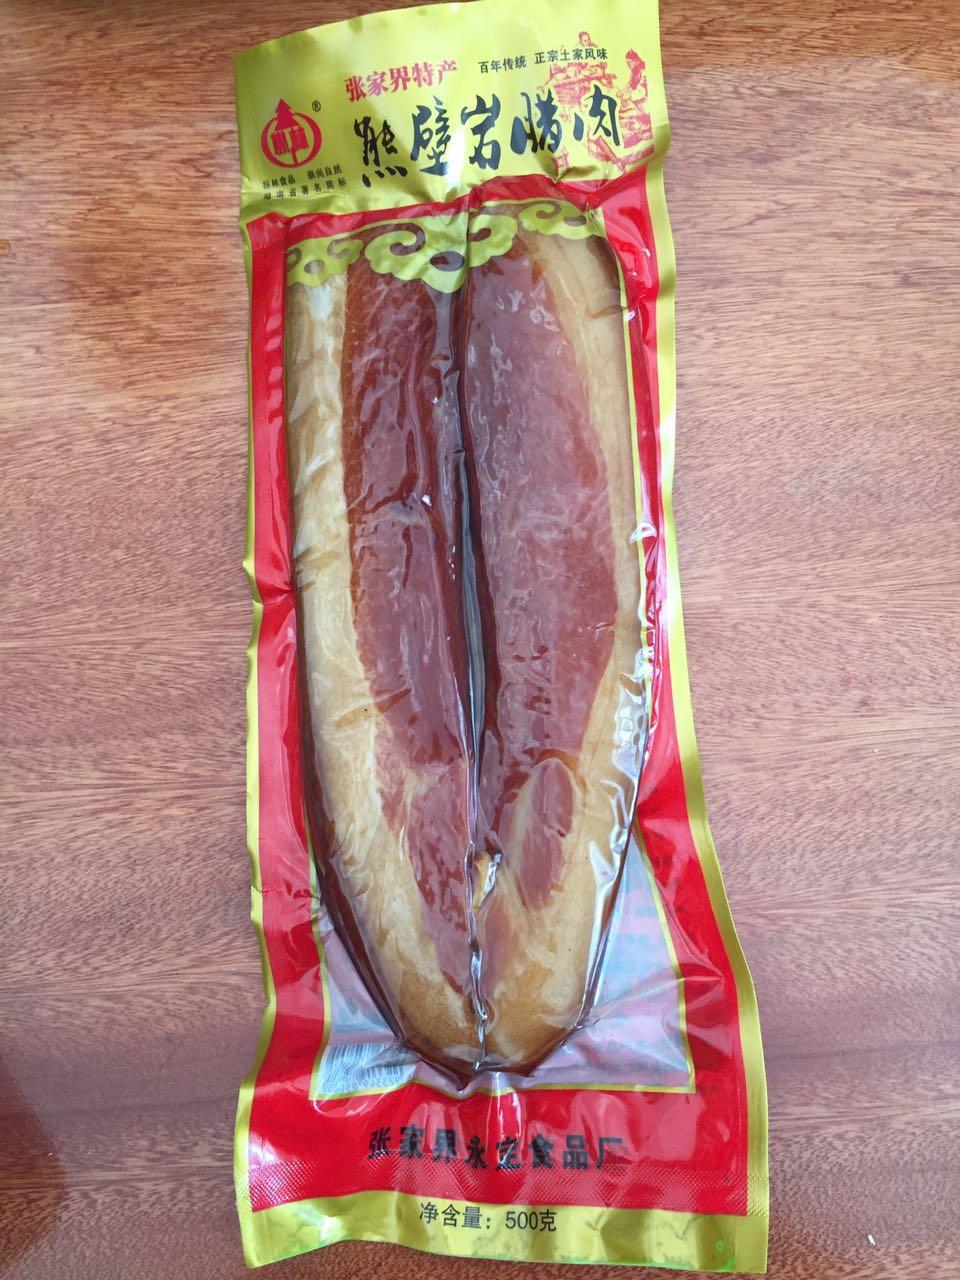 湘西腊肉 张家界特产 腊肉500克